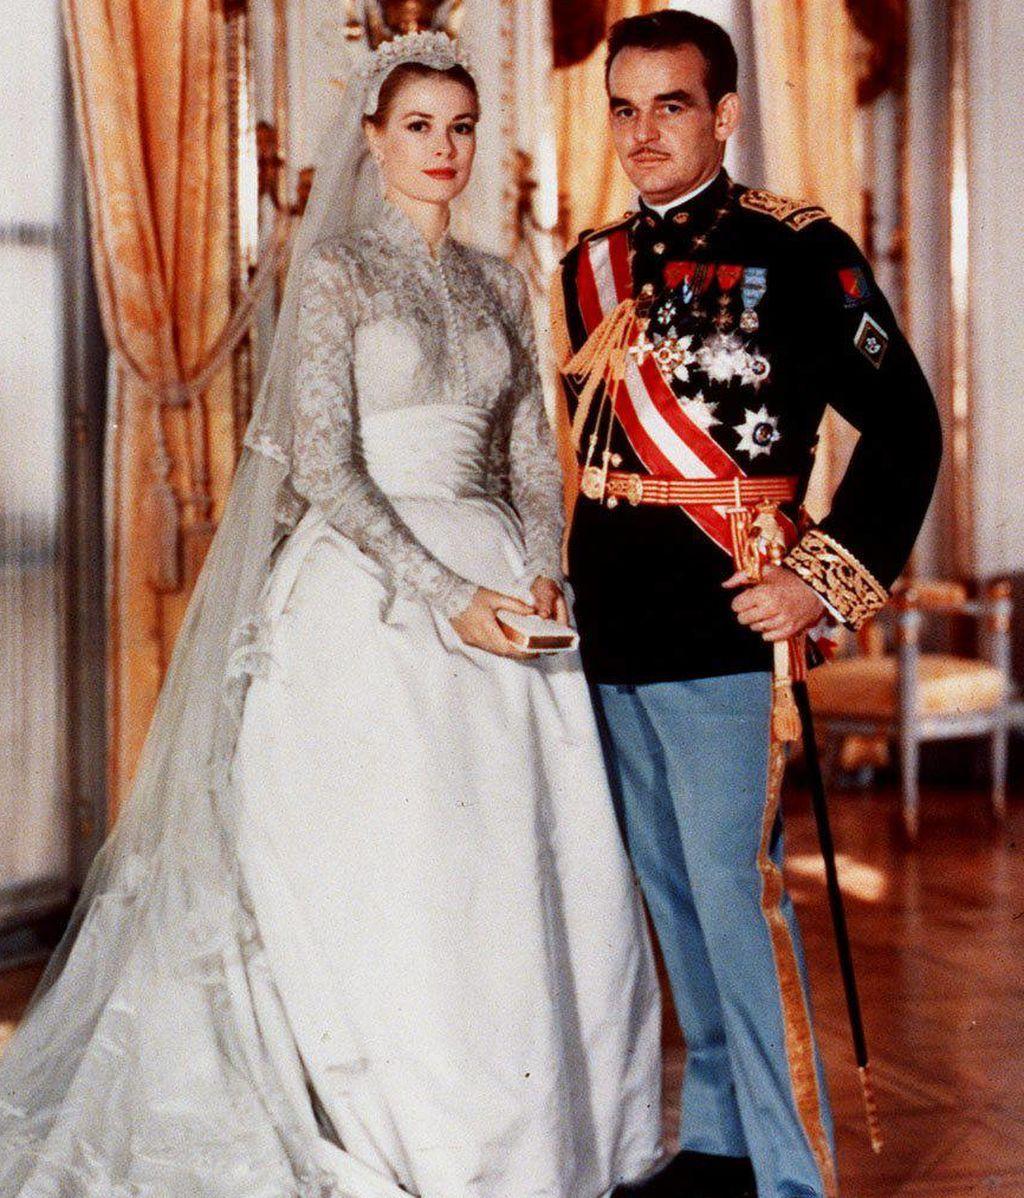 Gracia de Mónaco y el príncipe Rainiero, en Mónaco